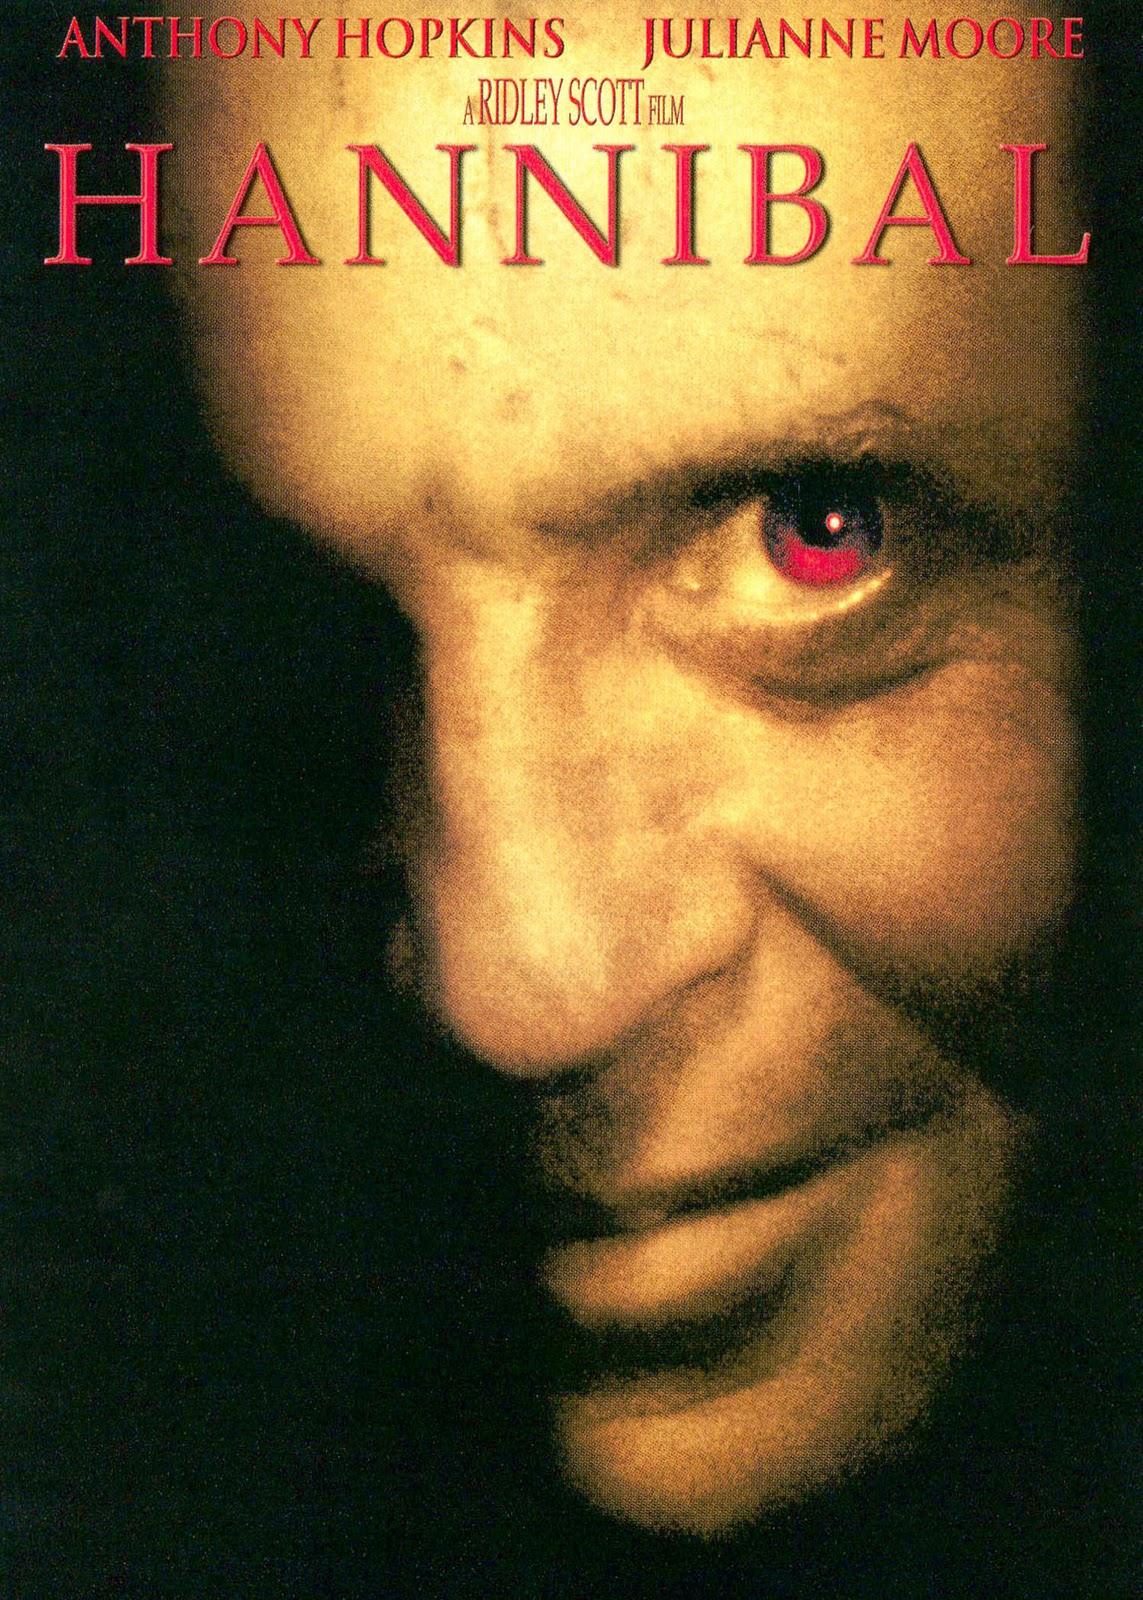 http://1.bp.blogspot.com/-CSQGE2Vt_Mo/TsKJPcmMkMI/AAAAAAAAAS4/F1pvTfzerkw/s1600/Hannibal.jpg